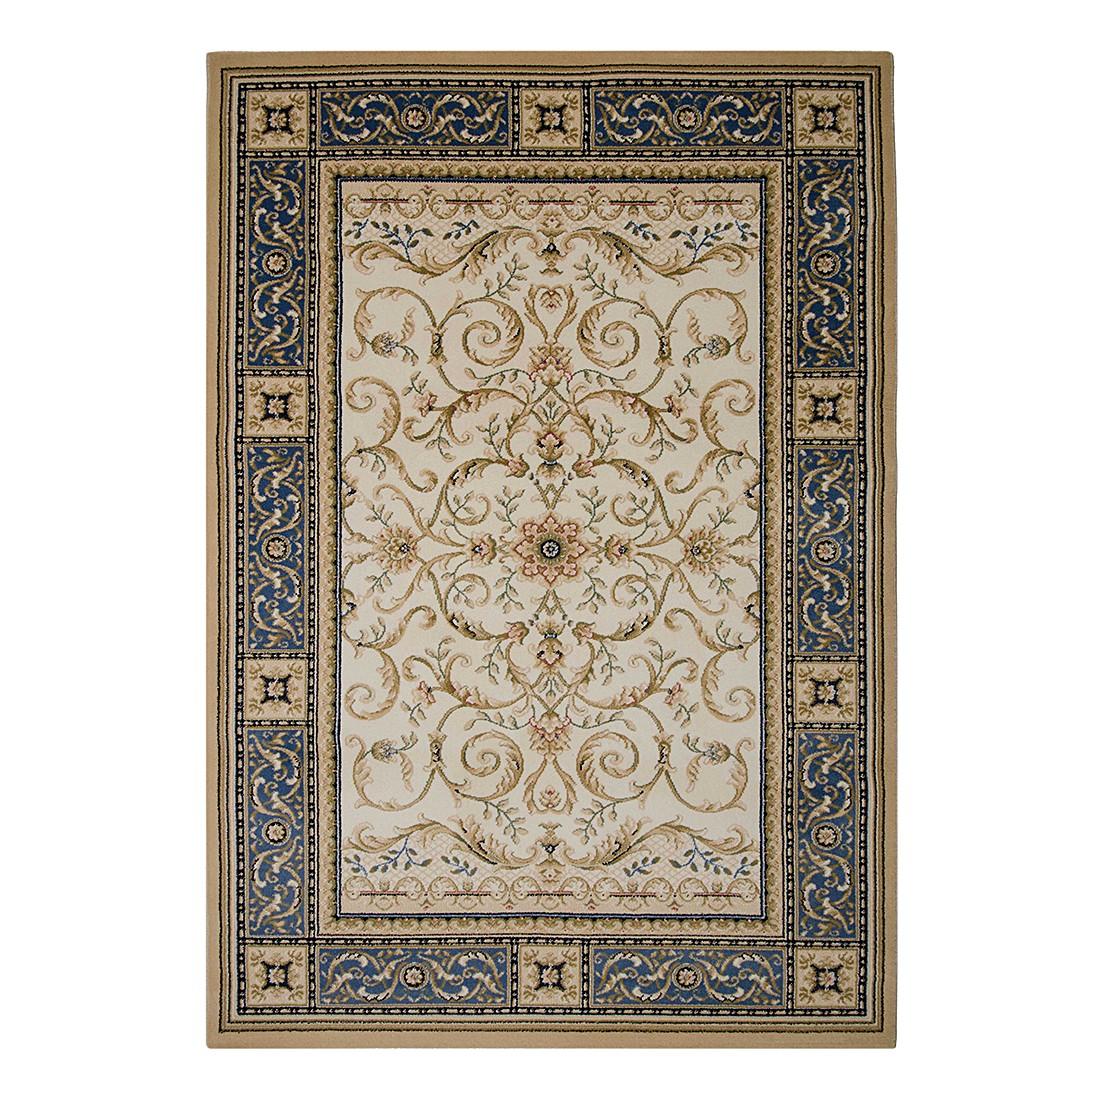 Teppich Gewebter Orientteppich – Braun – 200cm x 290cm, Home24Deko online bestellen